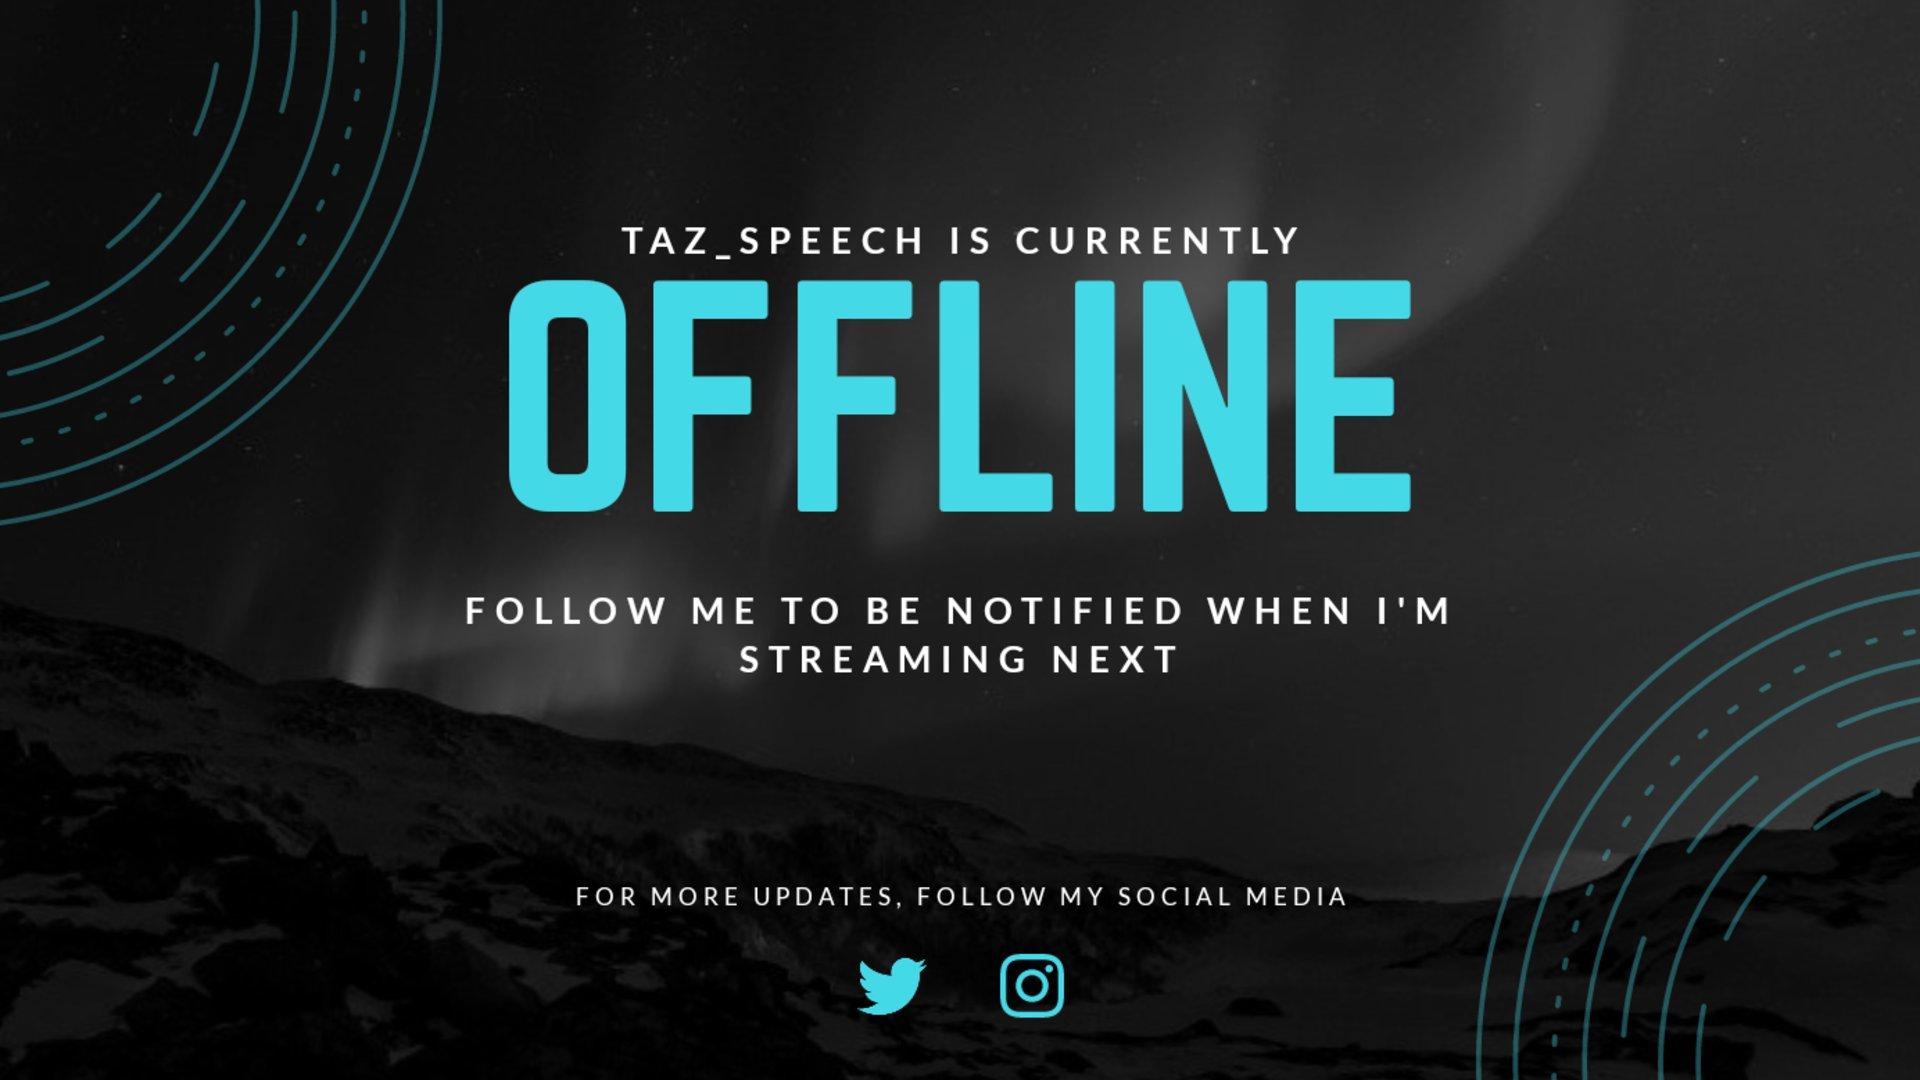 Taz_Speech